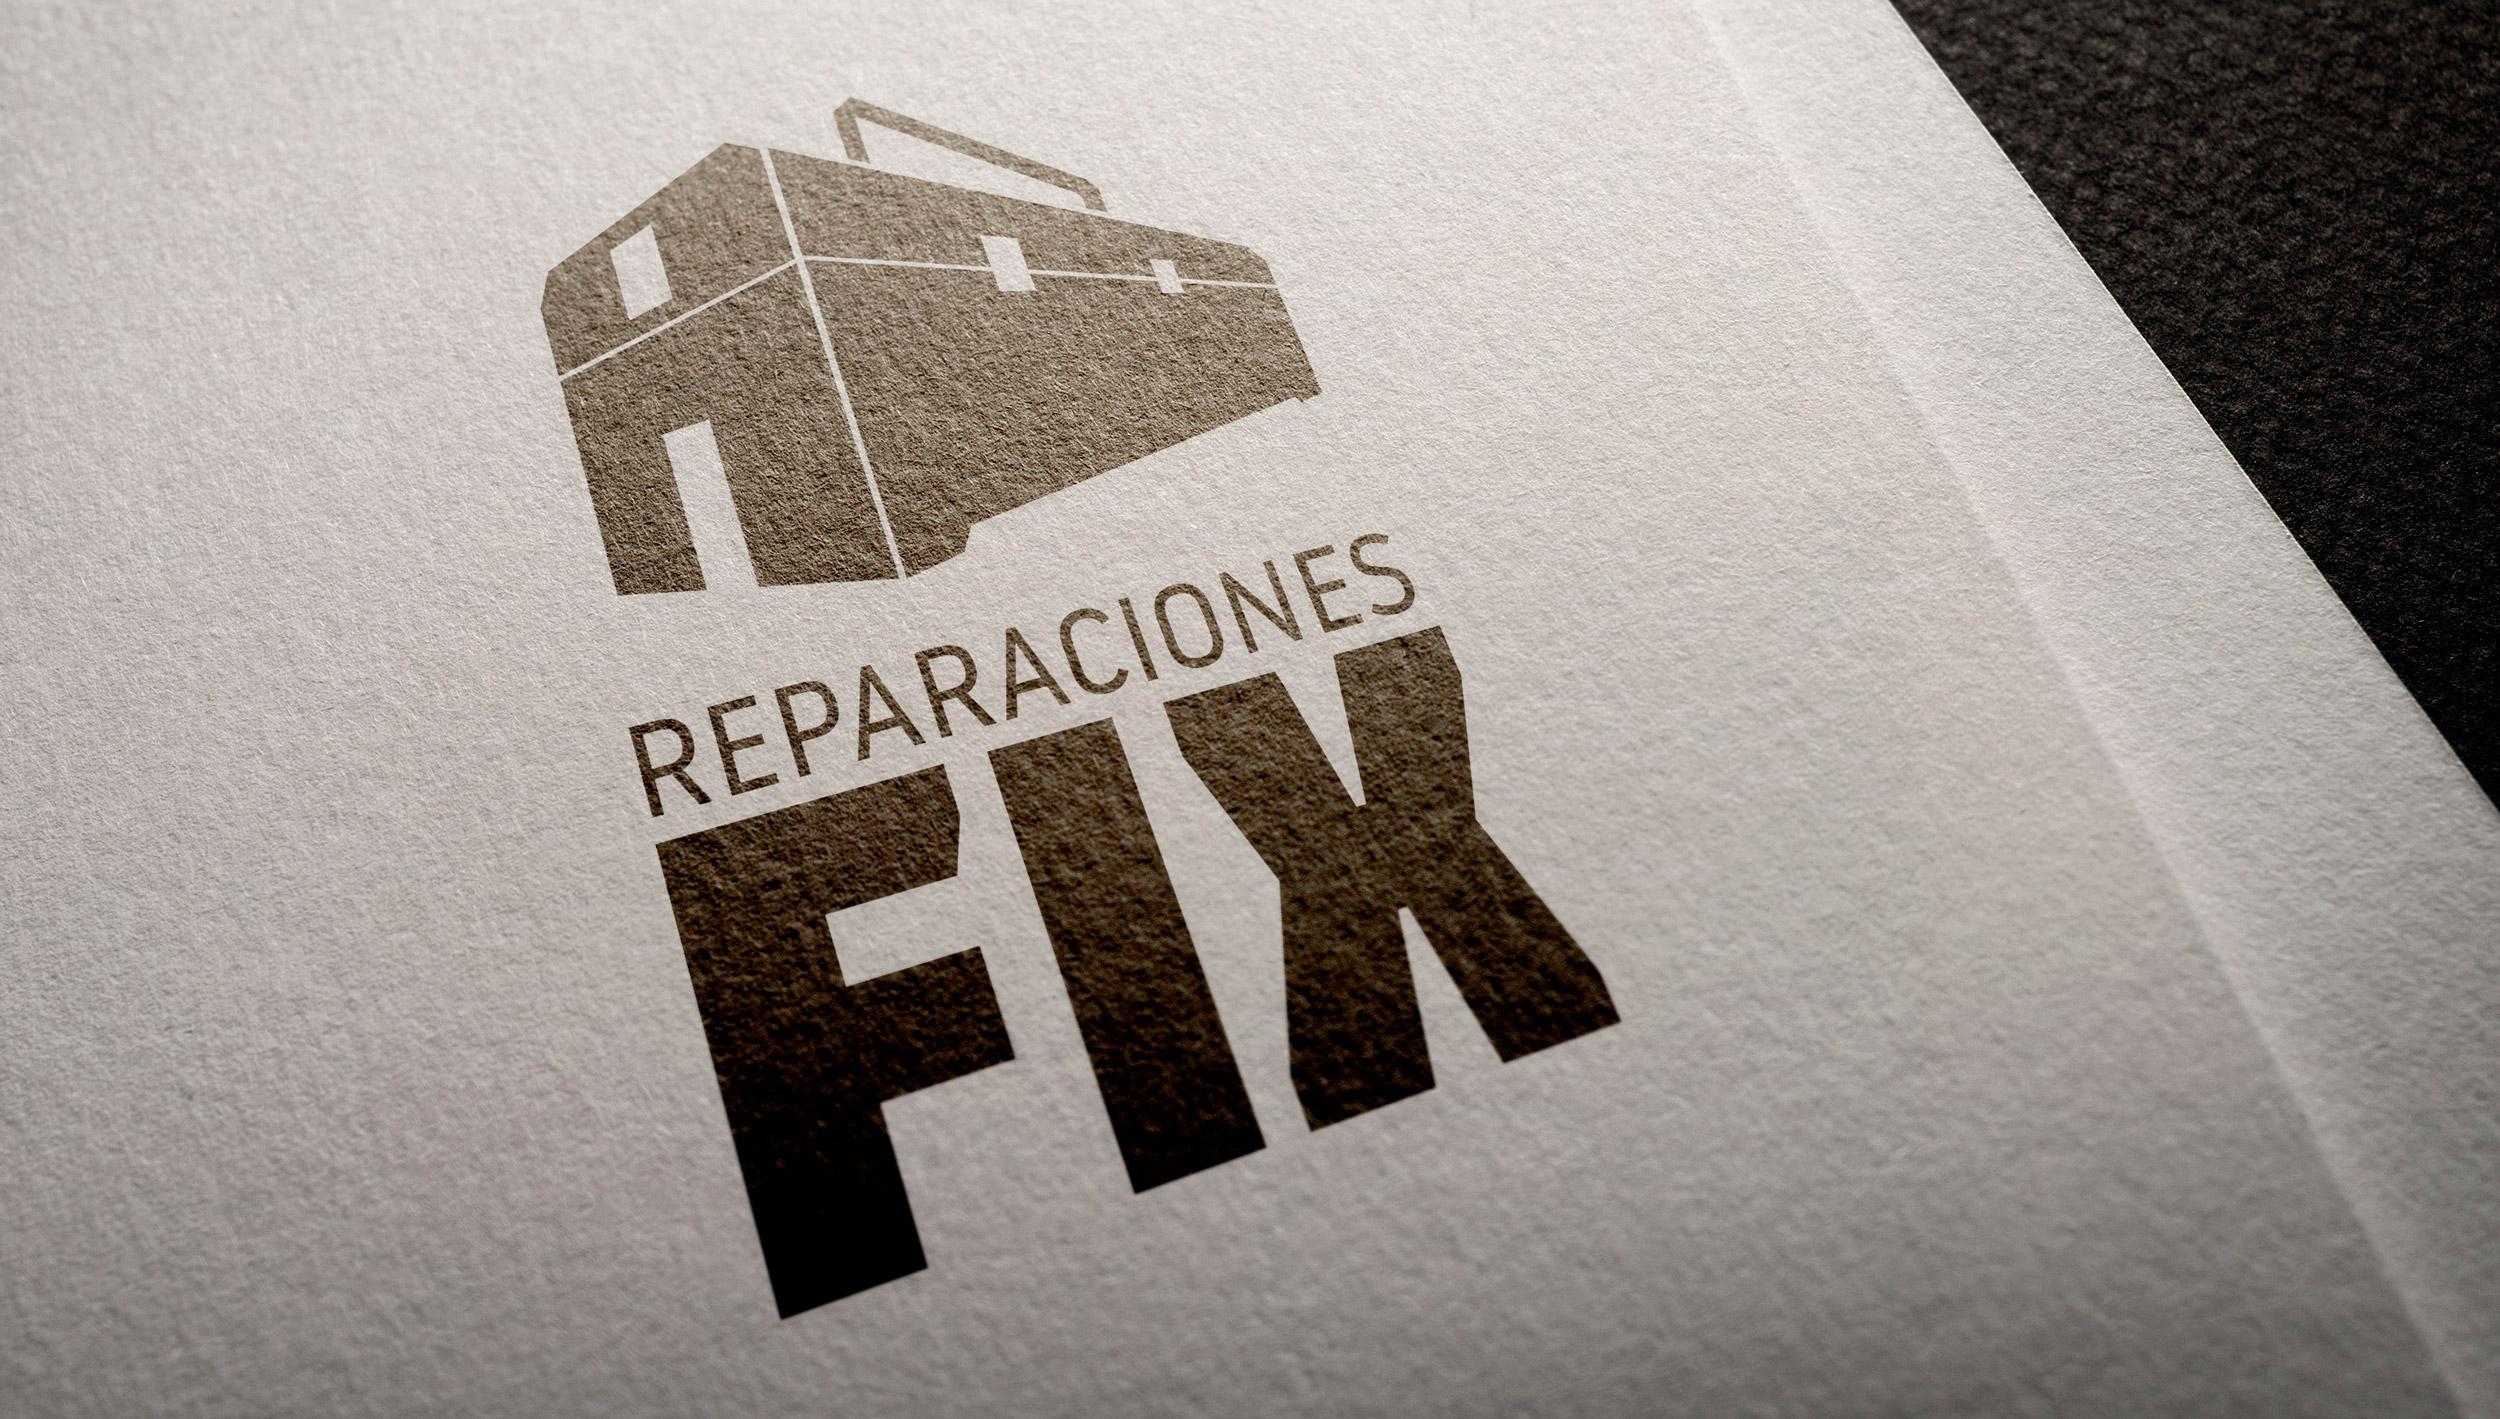 Reparaciones fix